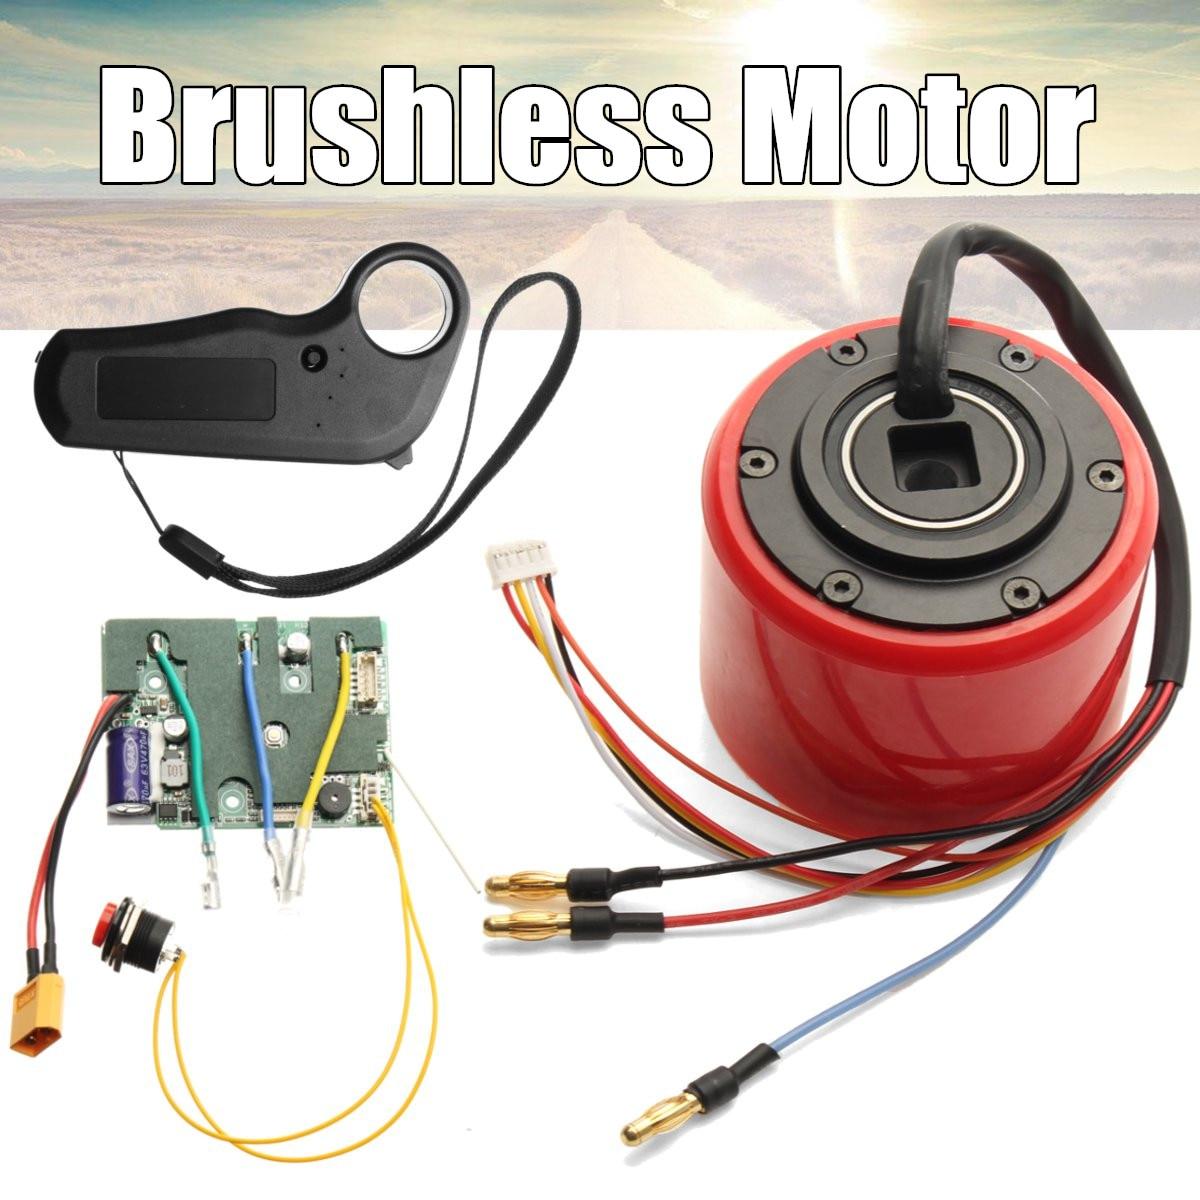 Kit de moteur de moyeu de planche à roulettes électrique avec capteur de Hall sans fil 2.4G transmission à distance pour bricolage moteur de planche à roulettes électrique